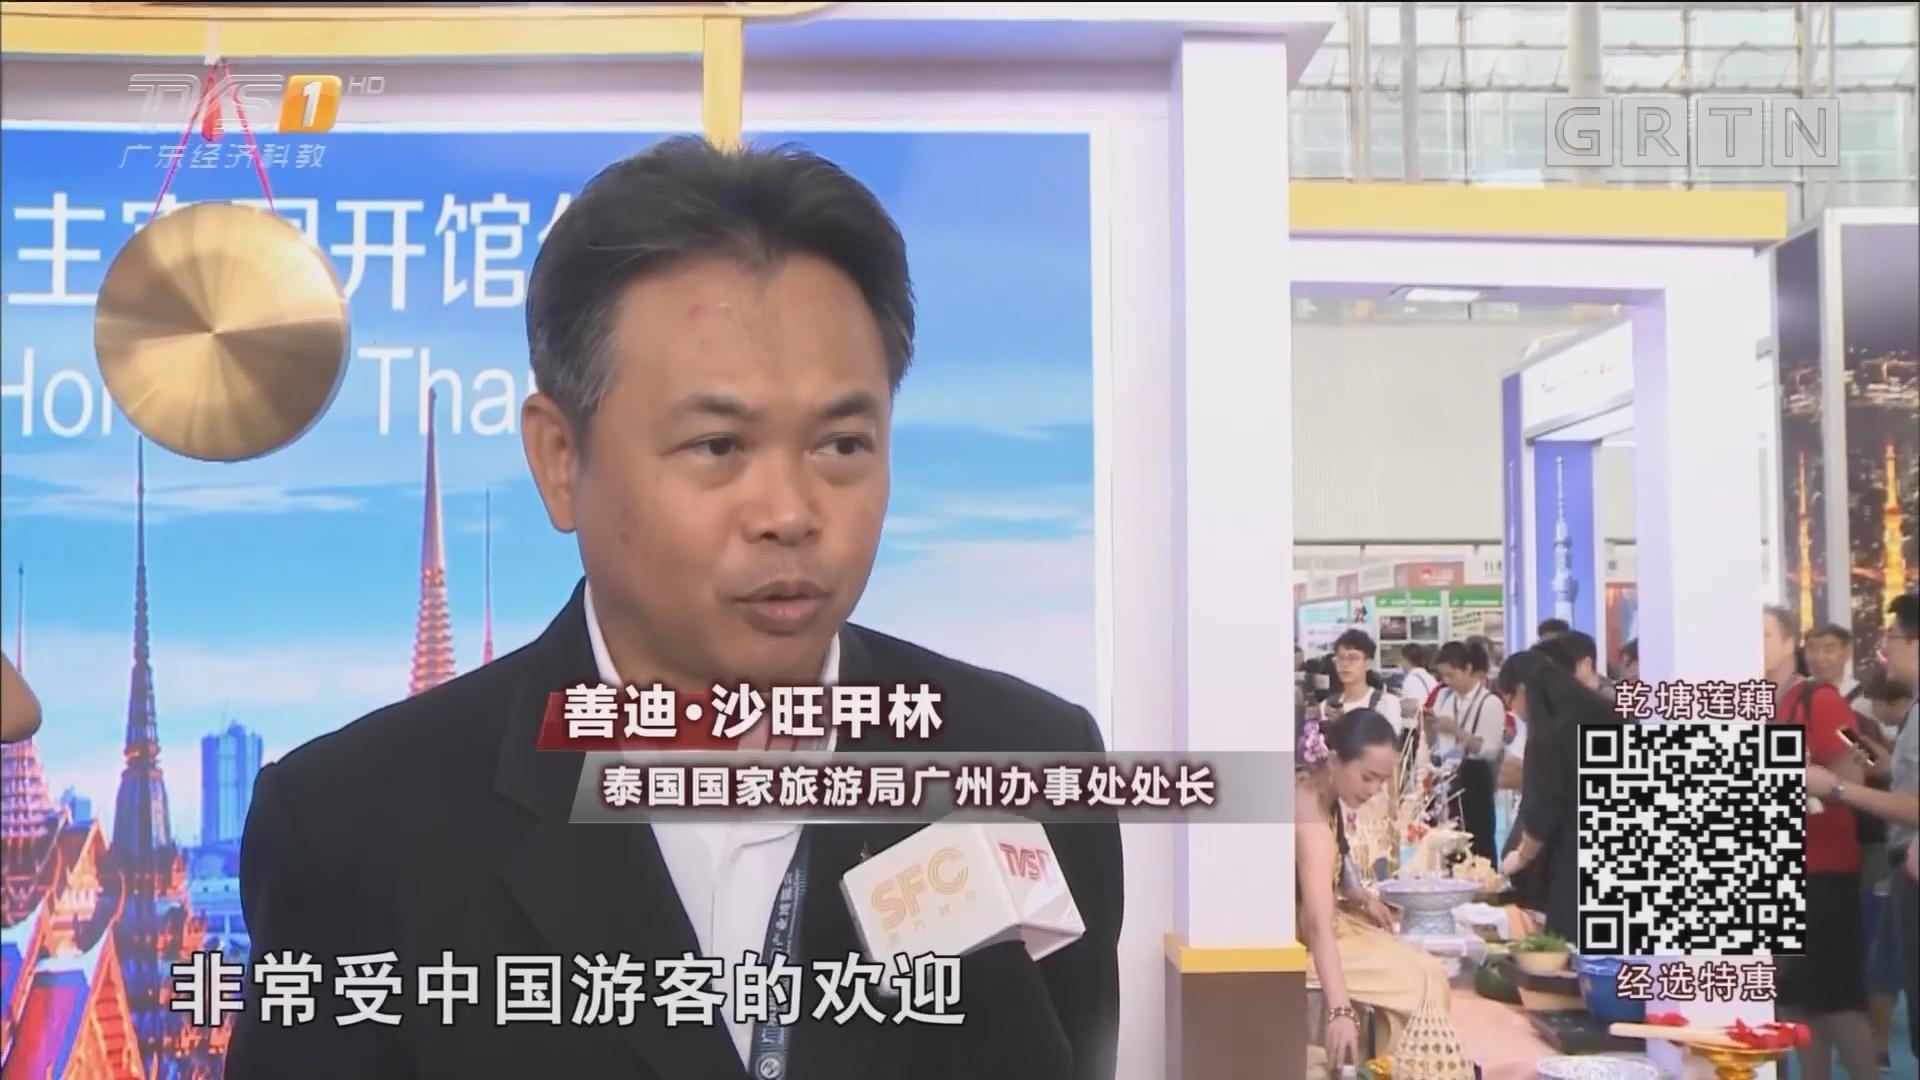 2017广东旅博会今天开锣 家门口就能叹世界